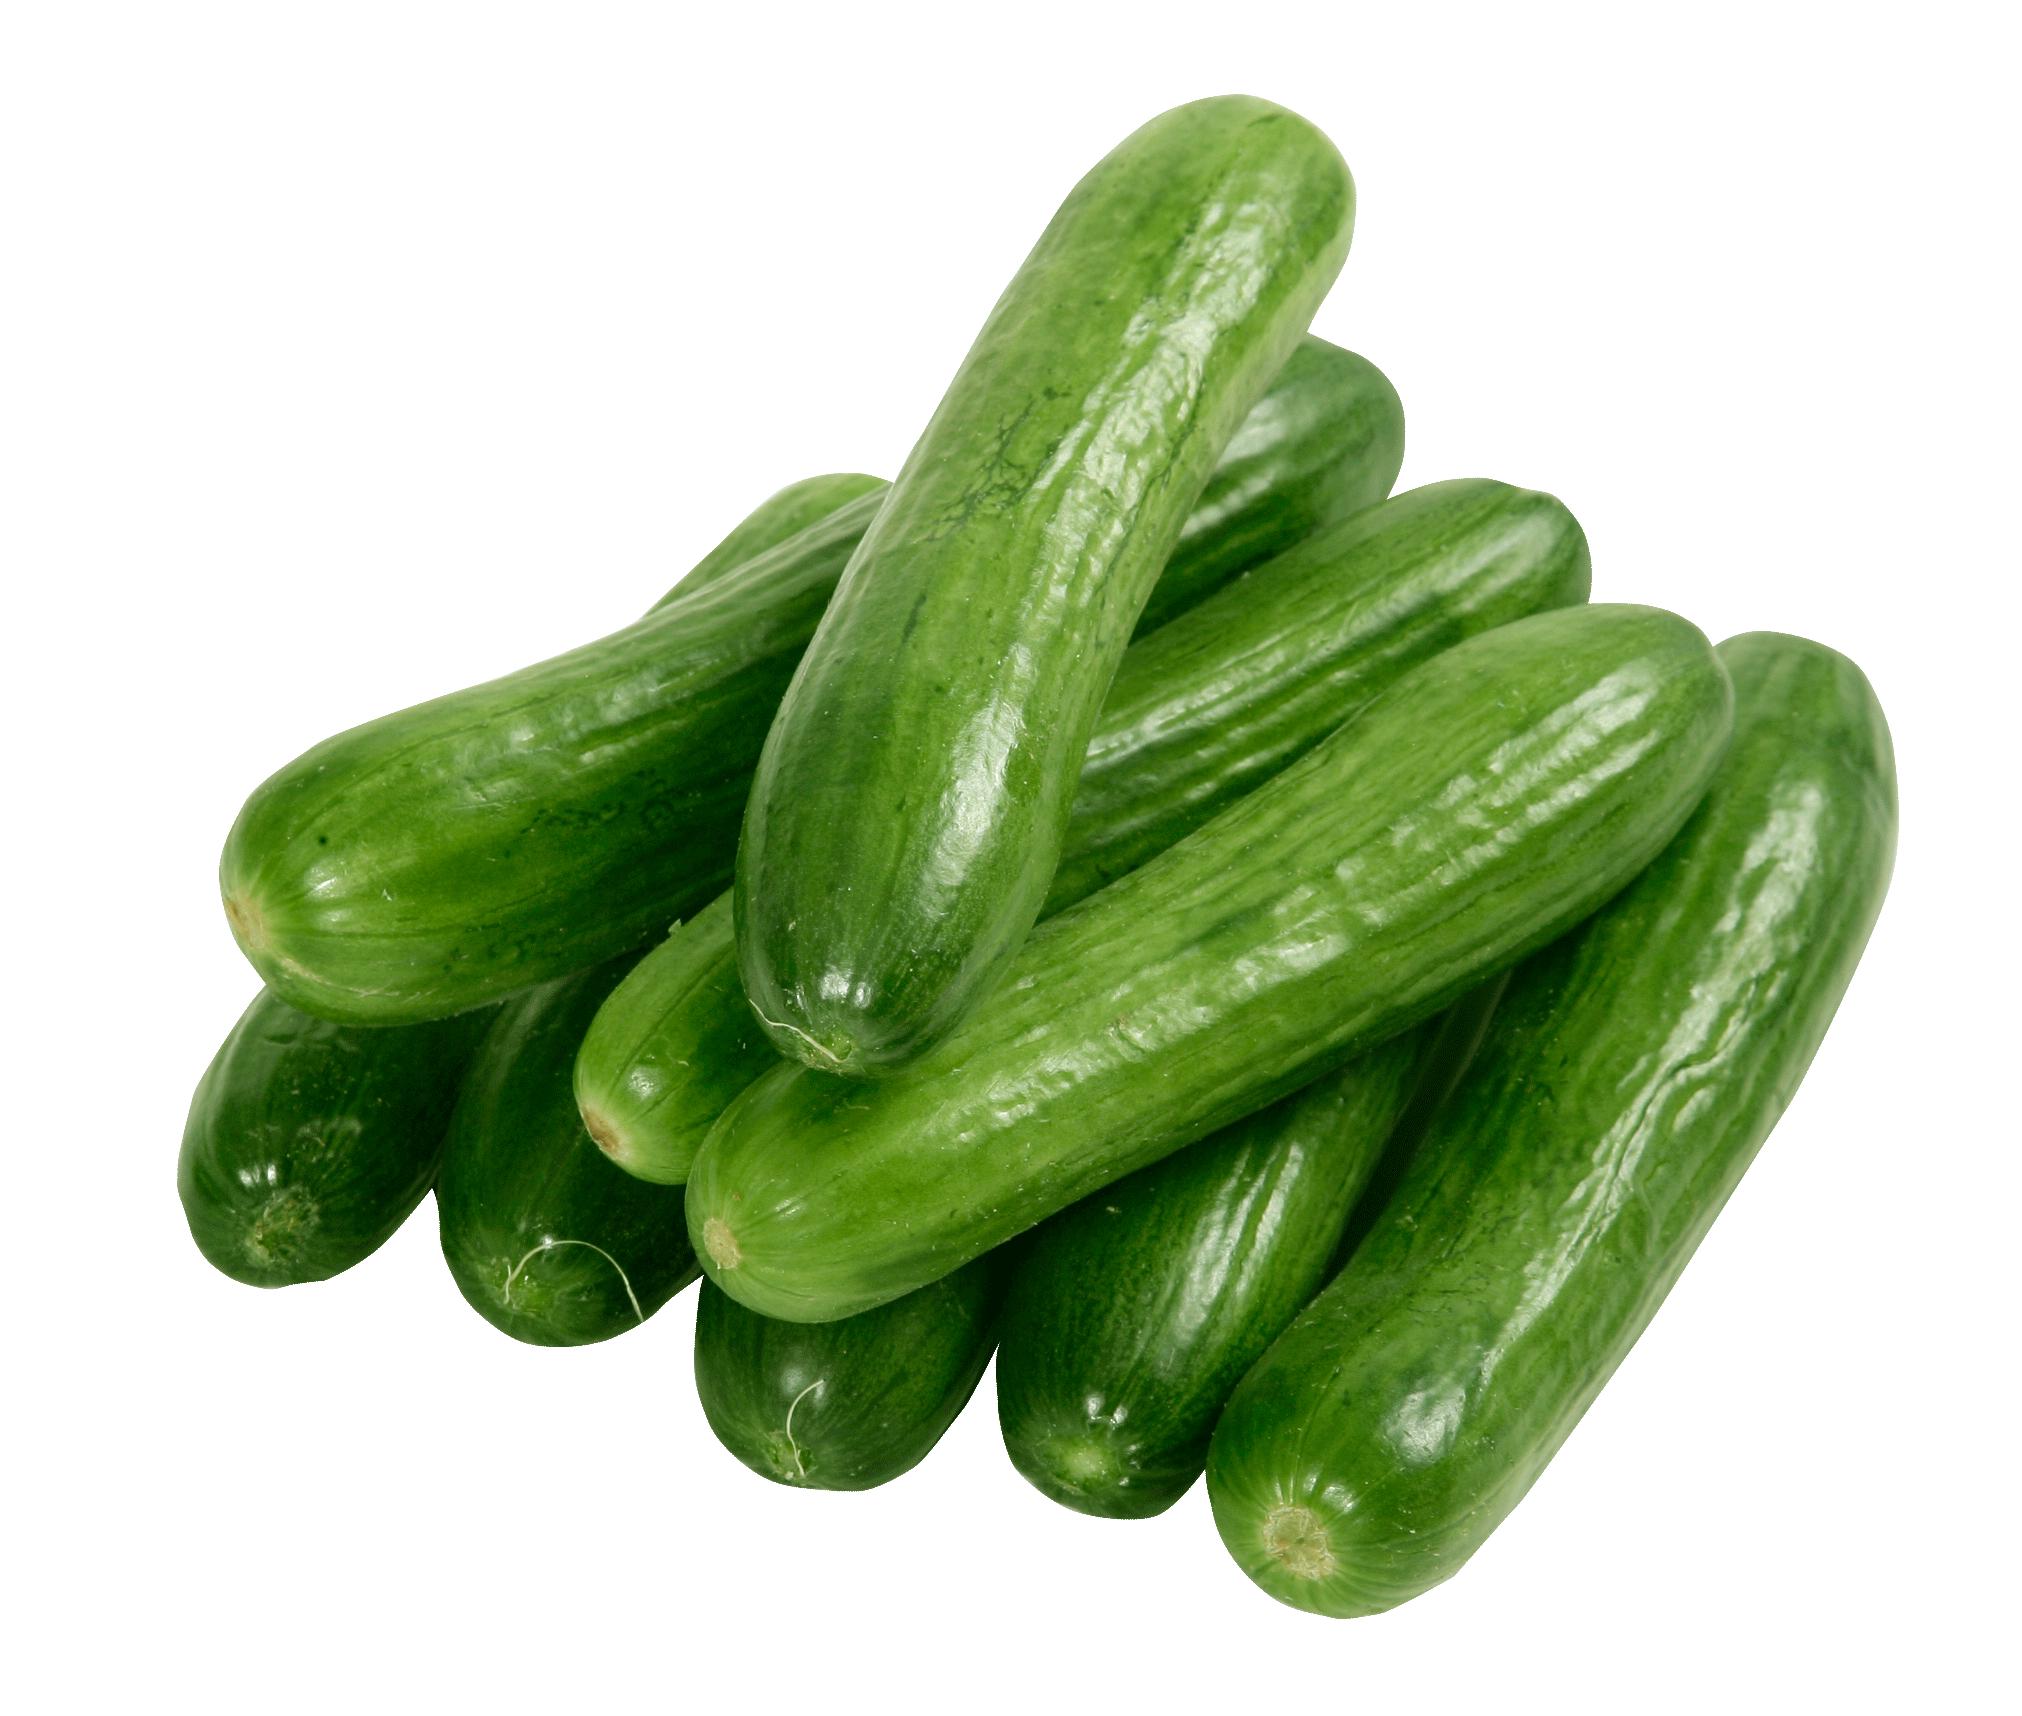 Vegetables free PNG images download.